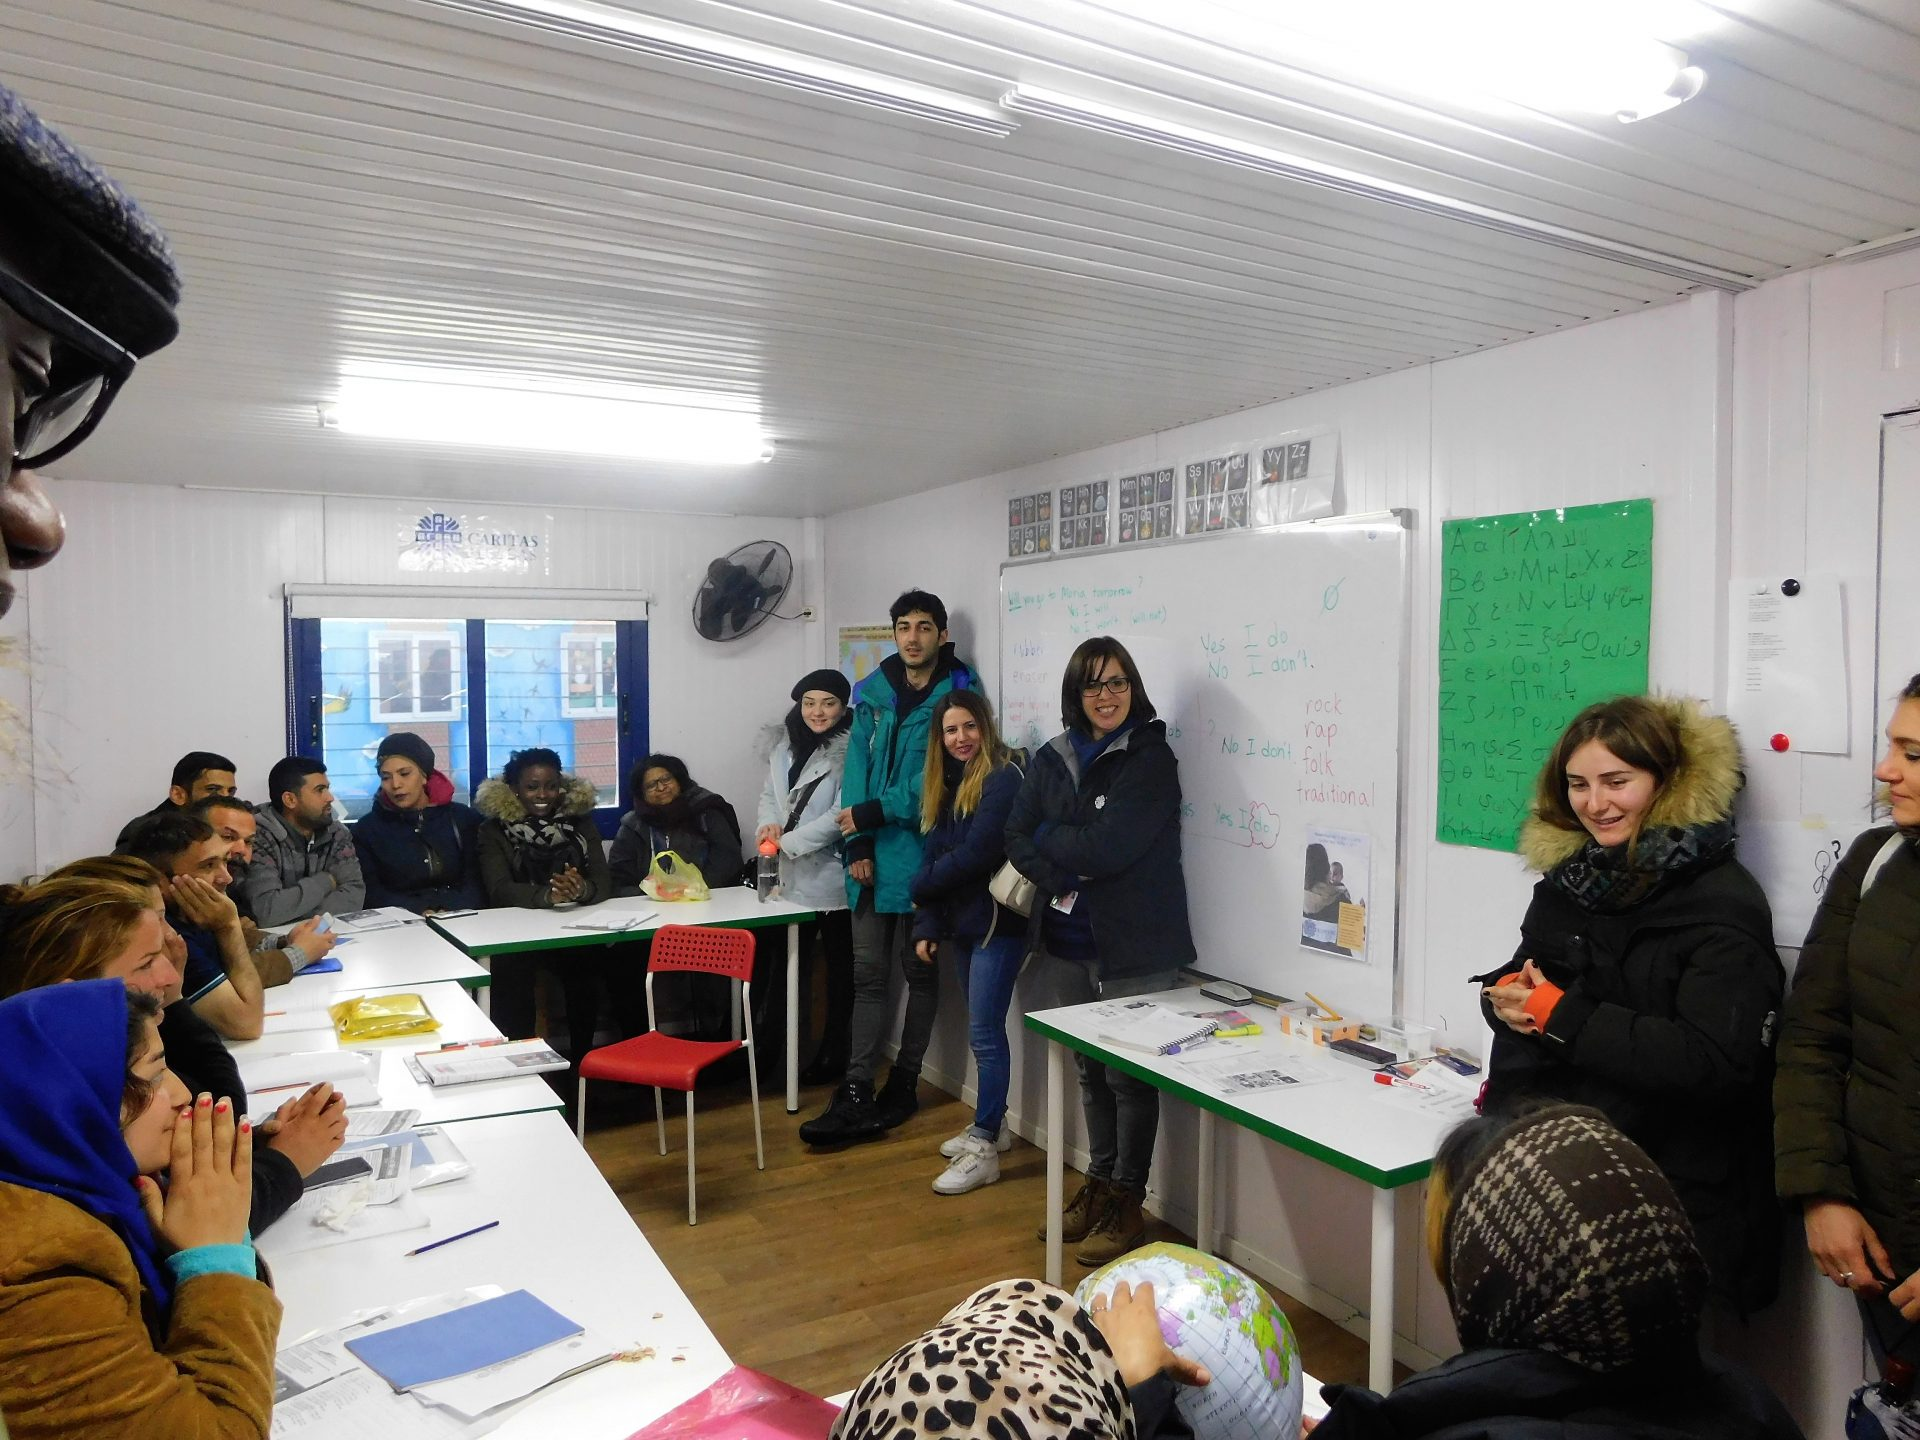 Φοιτητές από γερμανικό πανεπιστήμιο στη Λέσβο